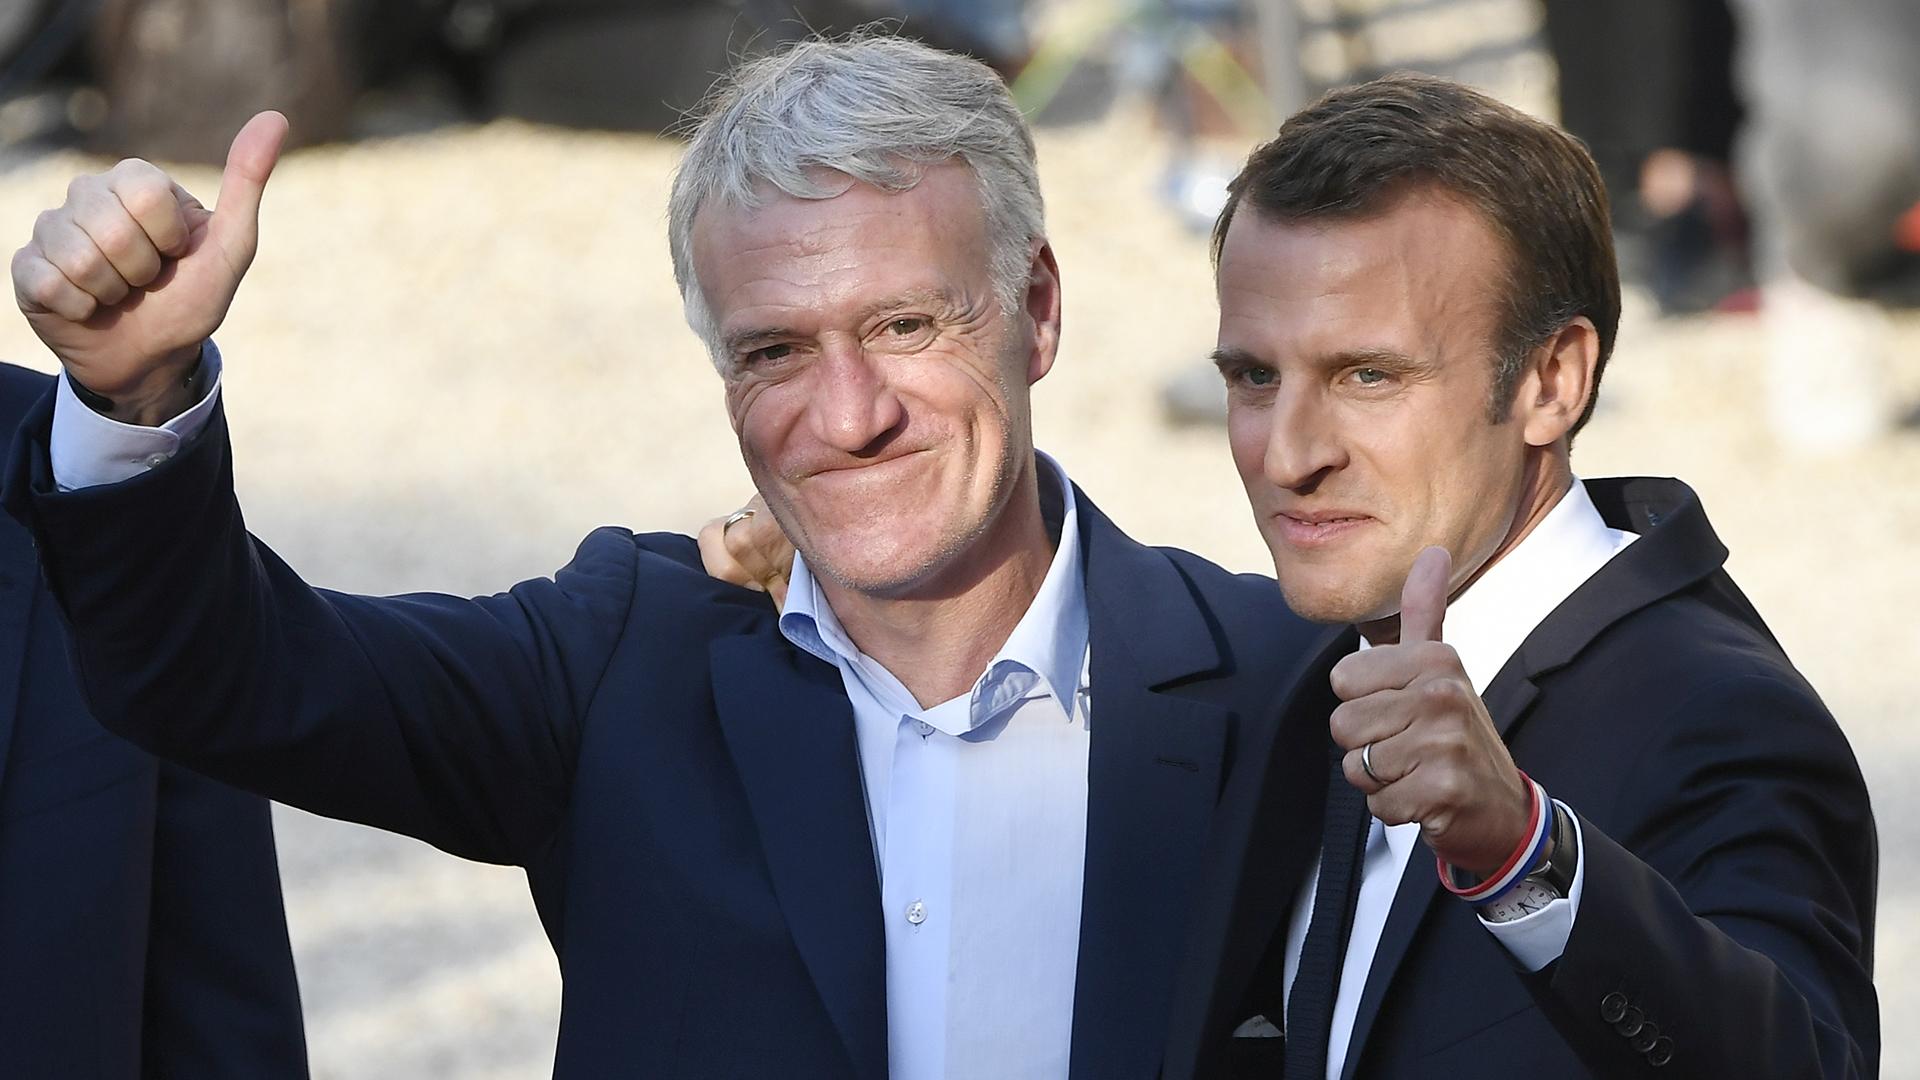 El entrenador del seleccionado, Didier Deschamps, junto al presidente de Francia, Emmanuel Macron